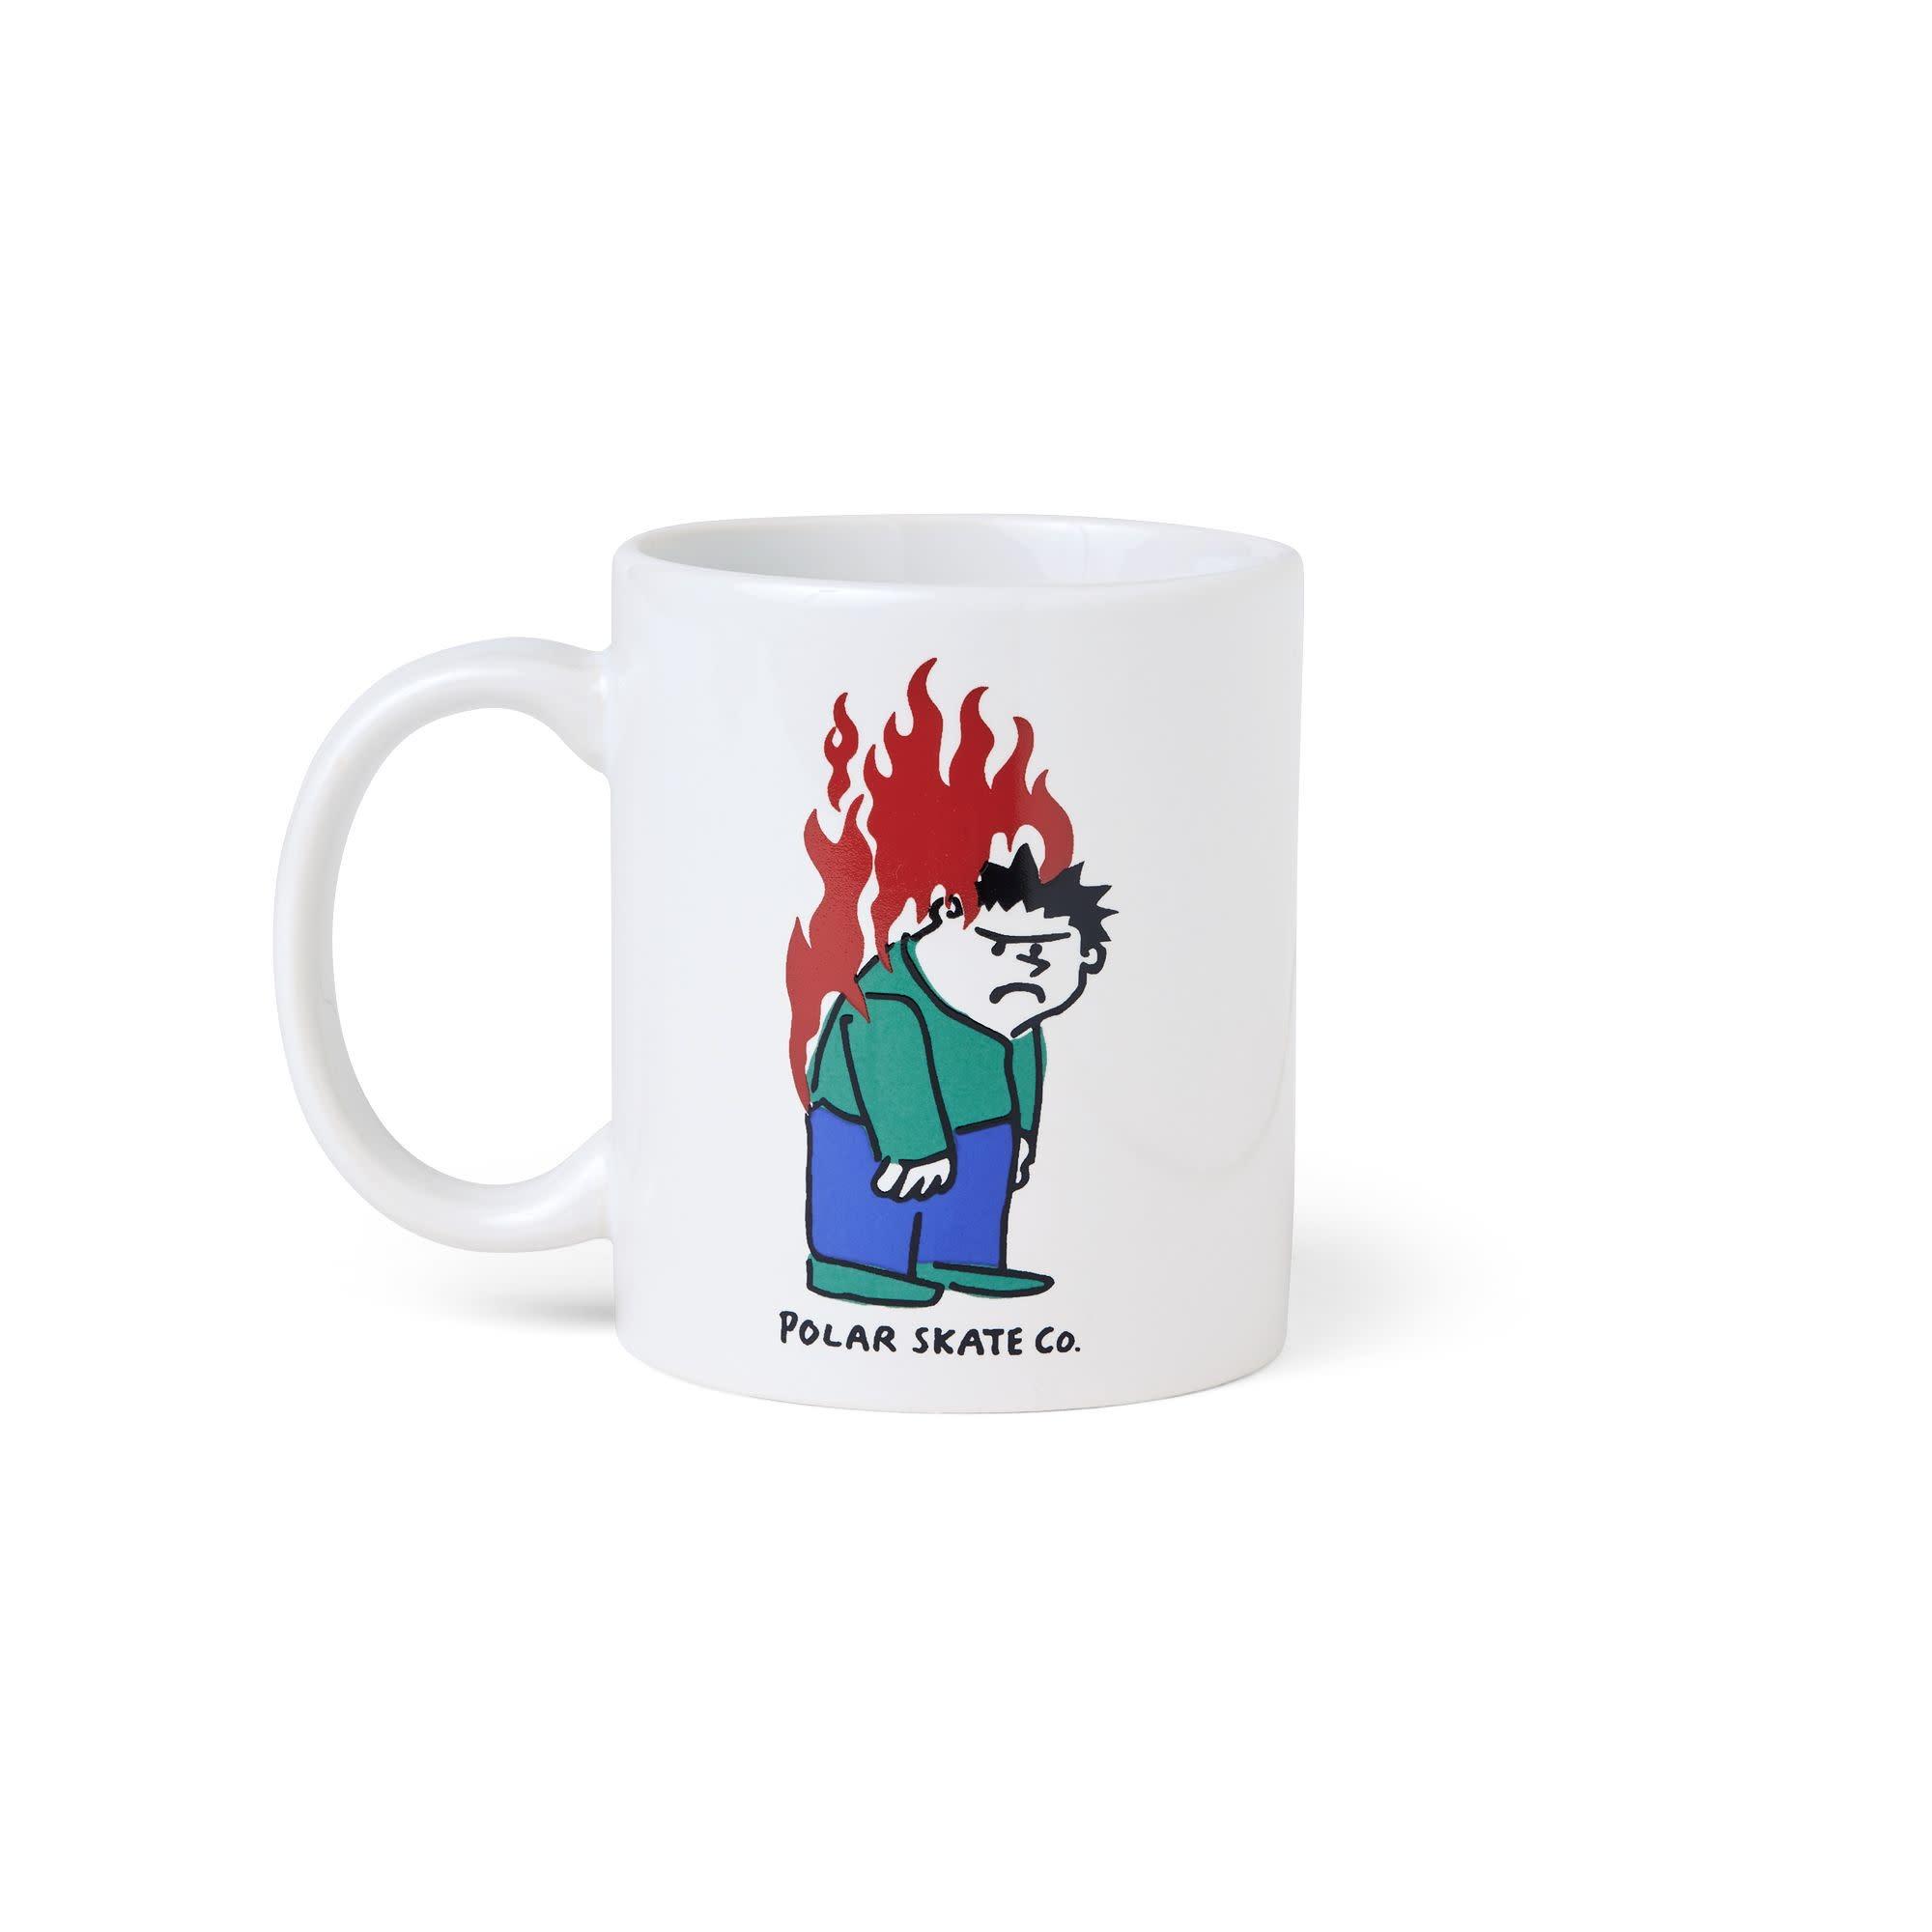 Polar Skate Co. Bad Day Mug